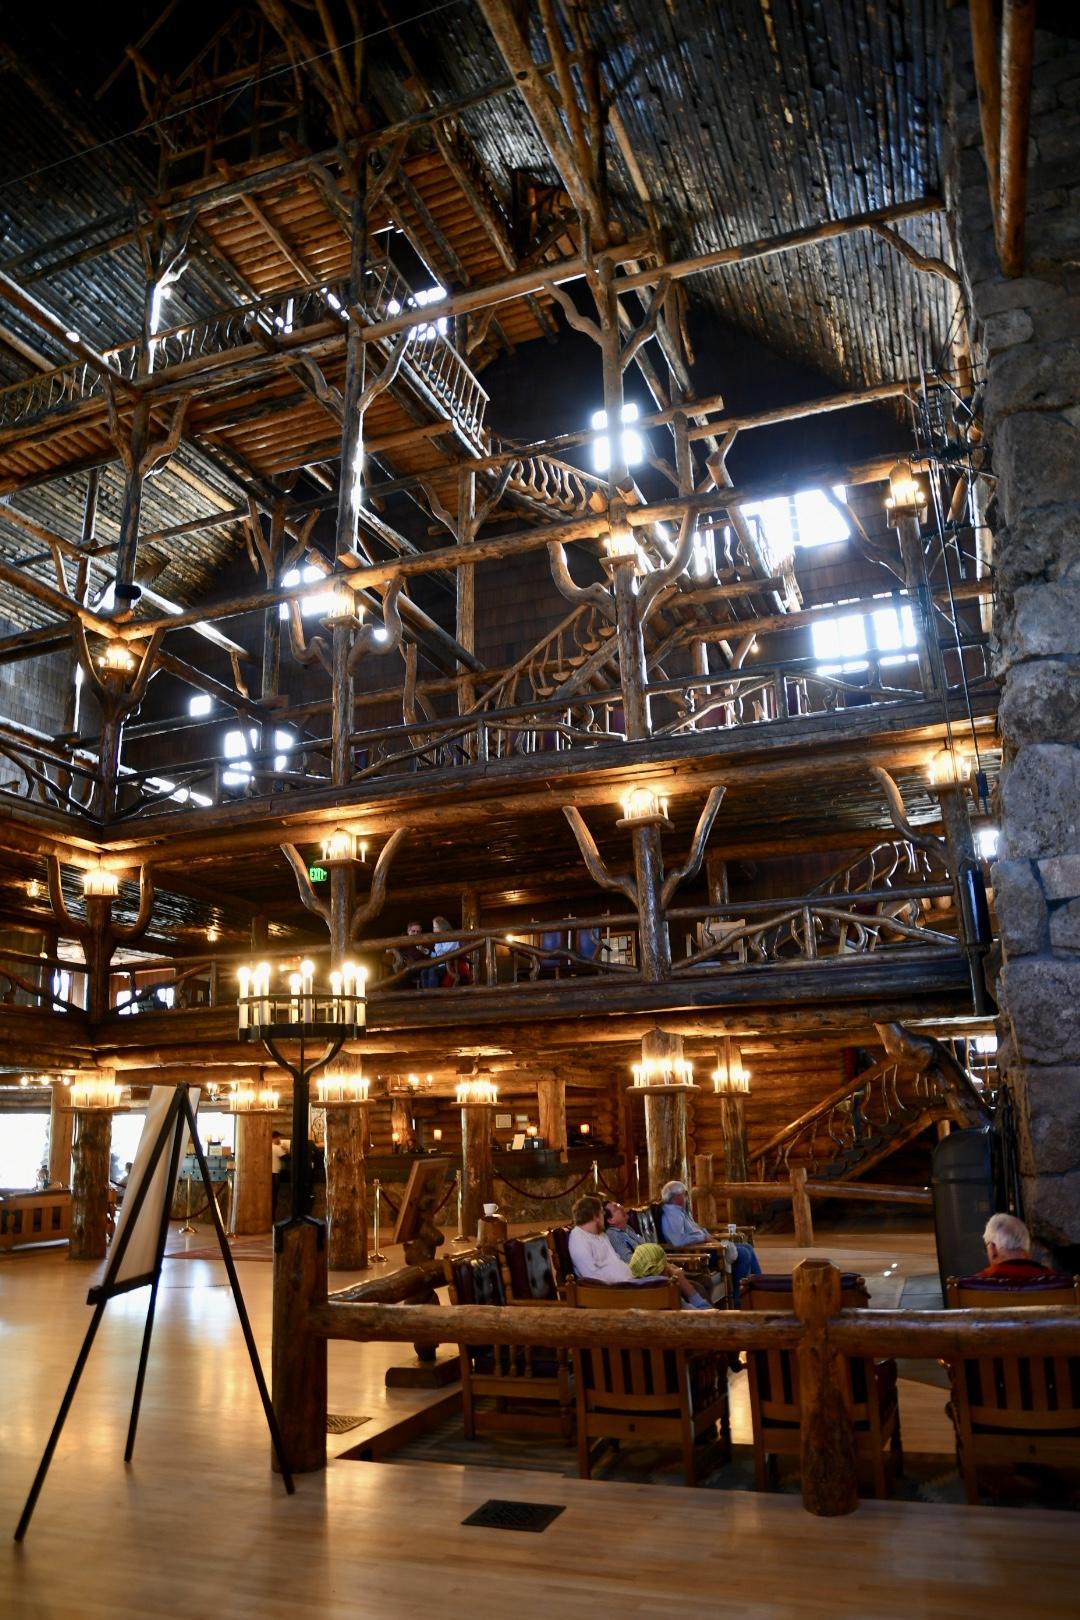 Altes Holzhaus mit mehreren Etagen und Dachkonstruktion komplett aus Holz